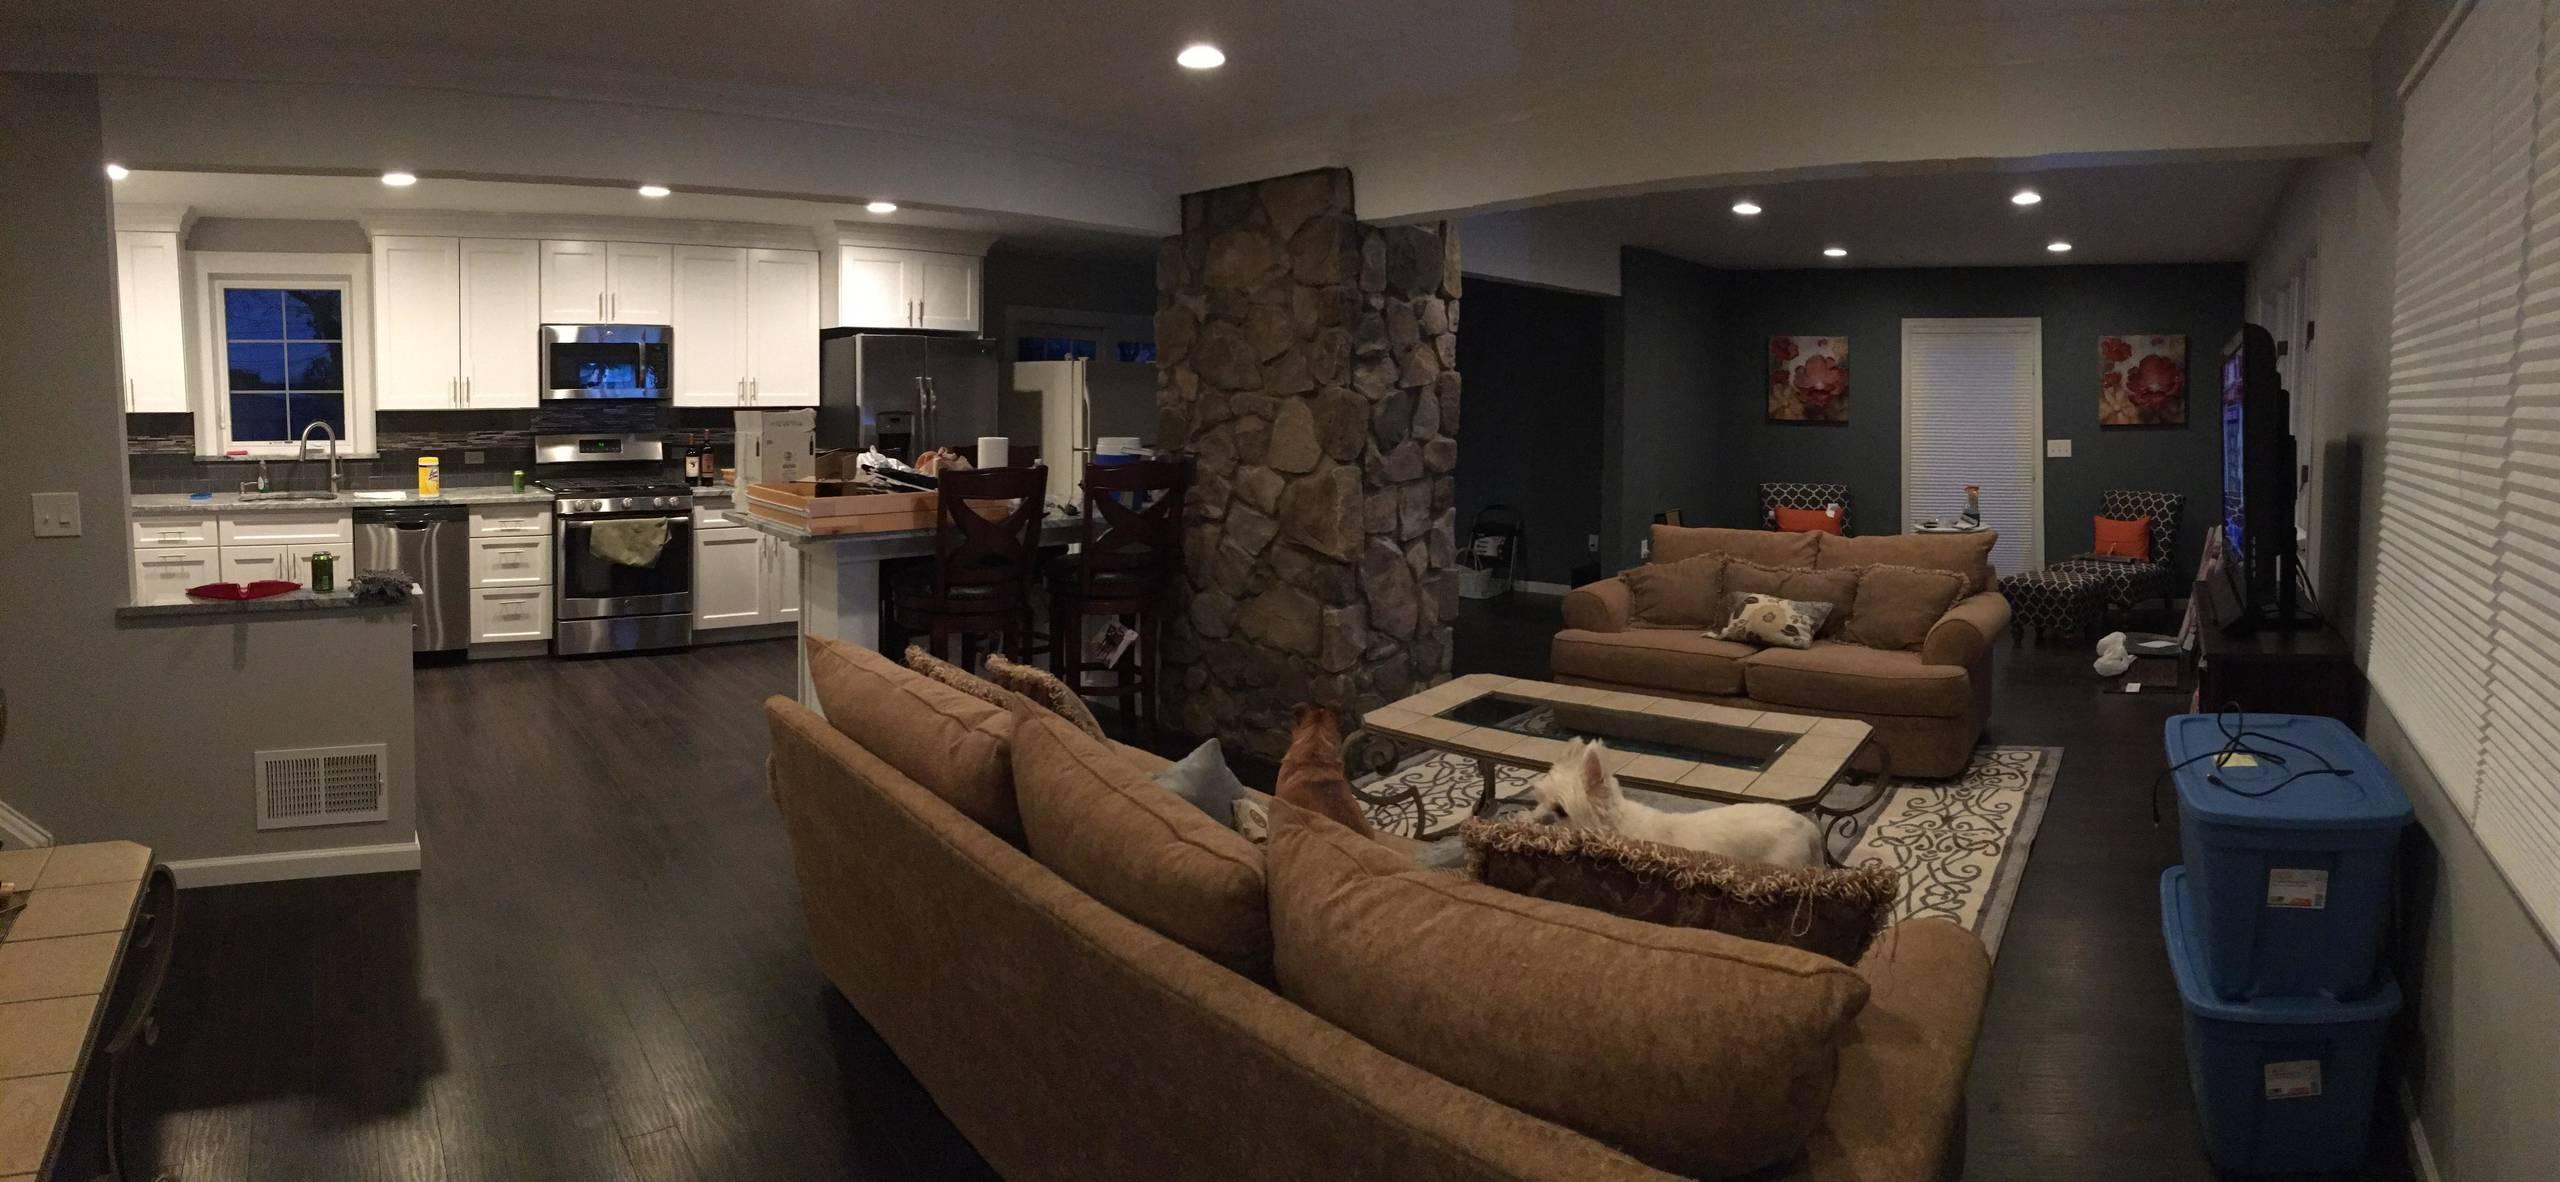 Kitchen/First Floor Remodel